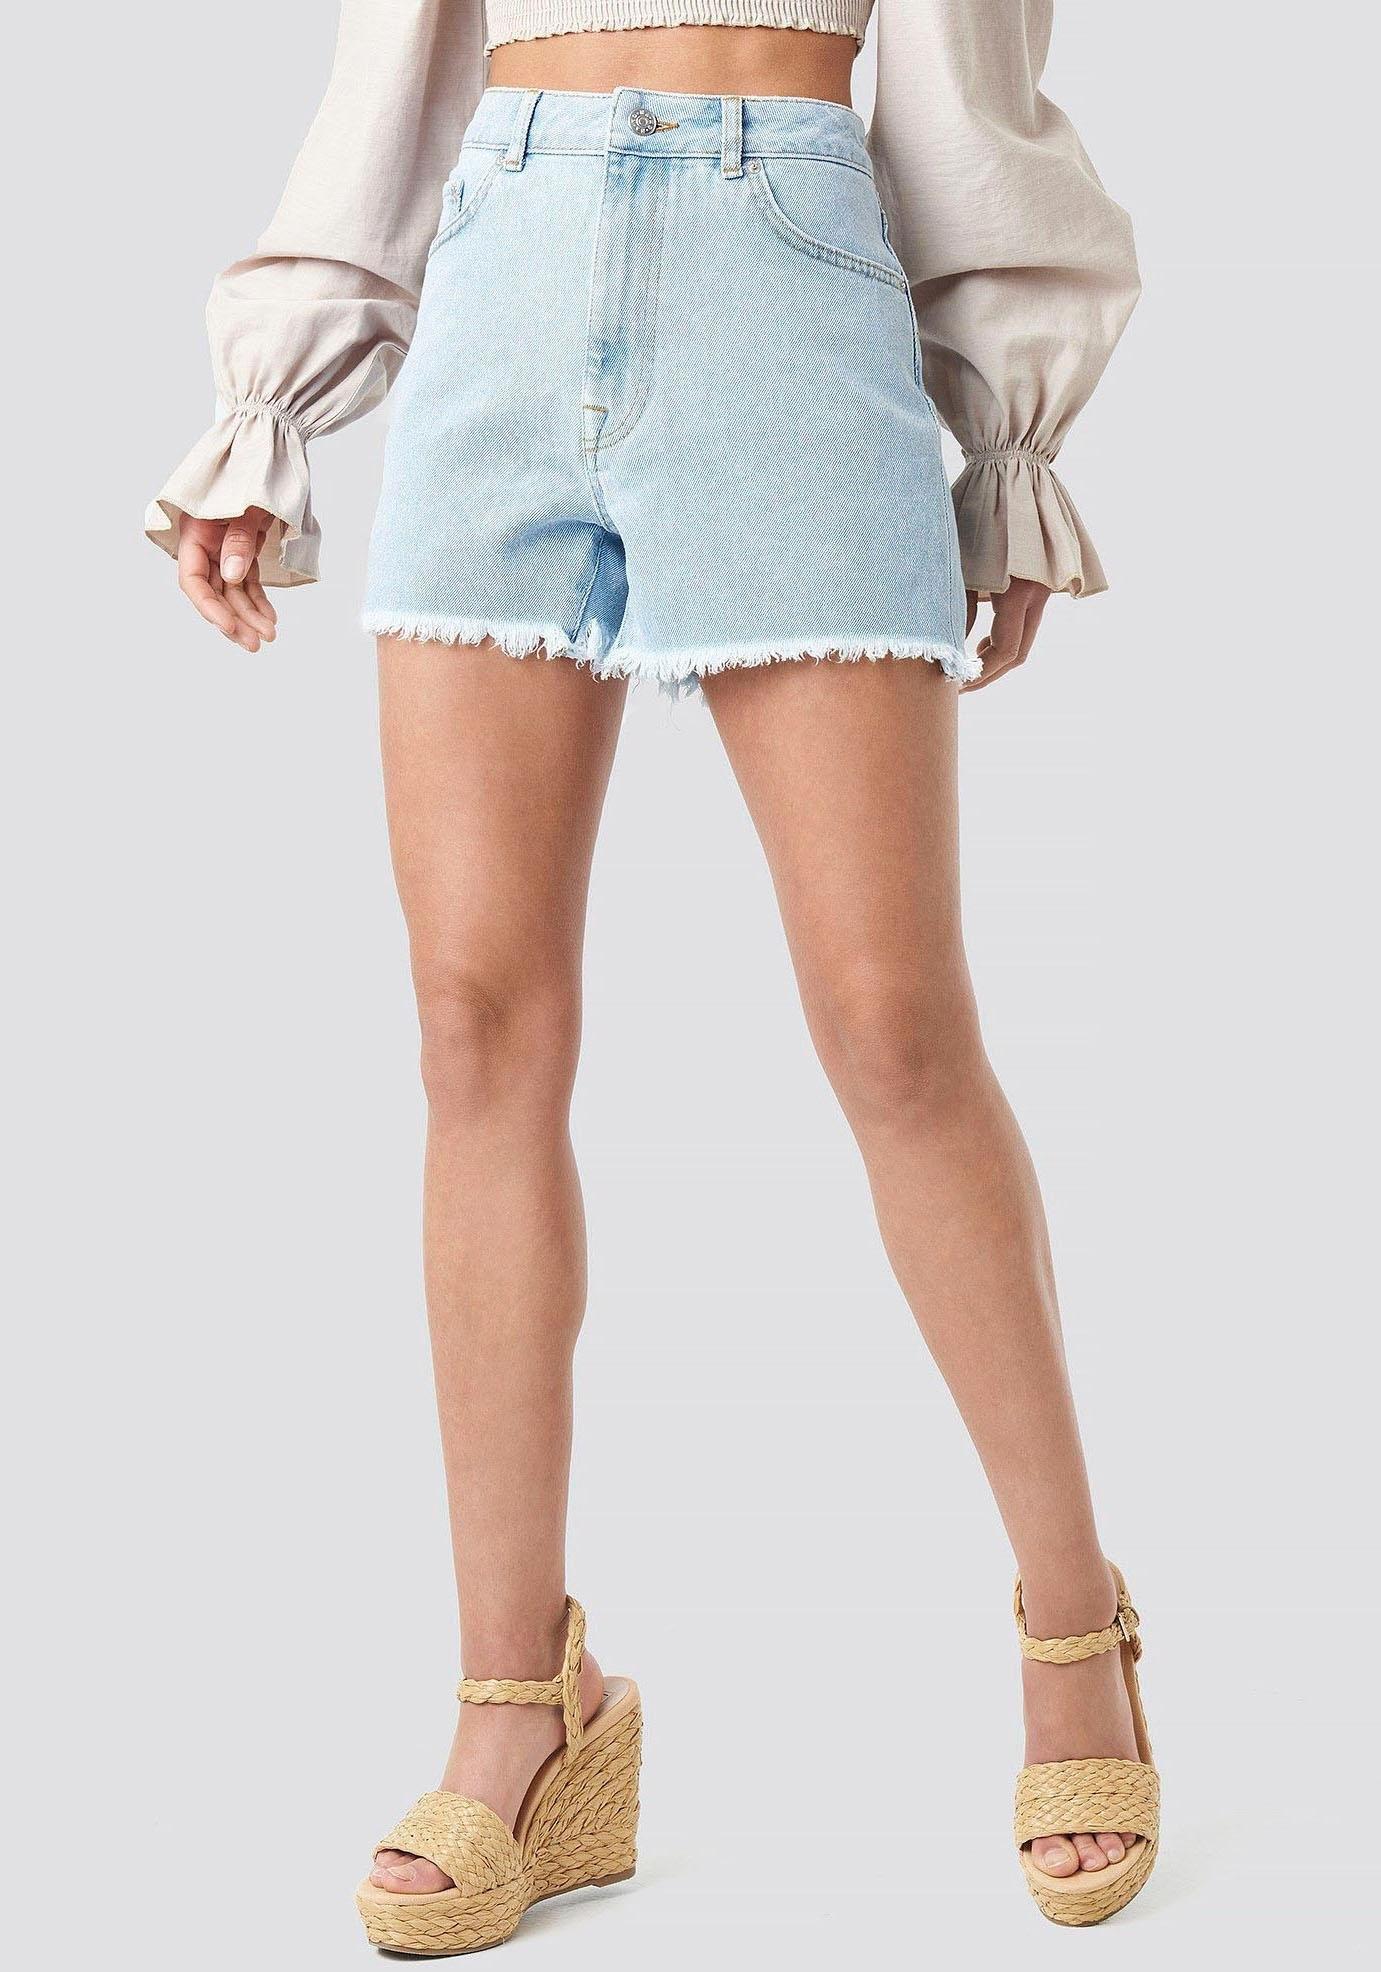 Op zoek naar een Na-kd jeansshort »0117«? Koop online bij OTTO